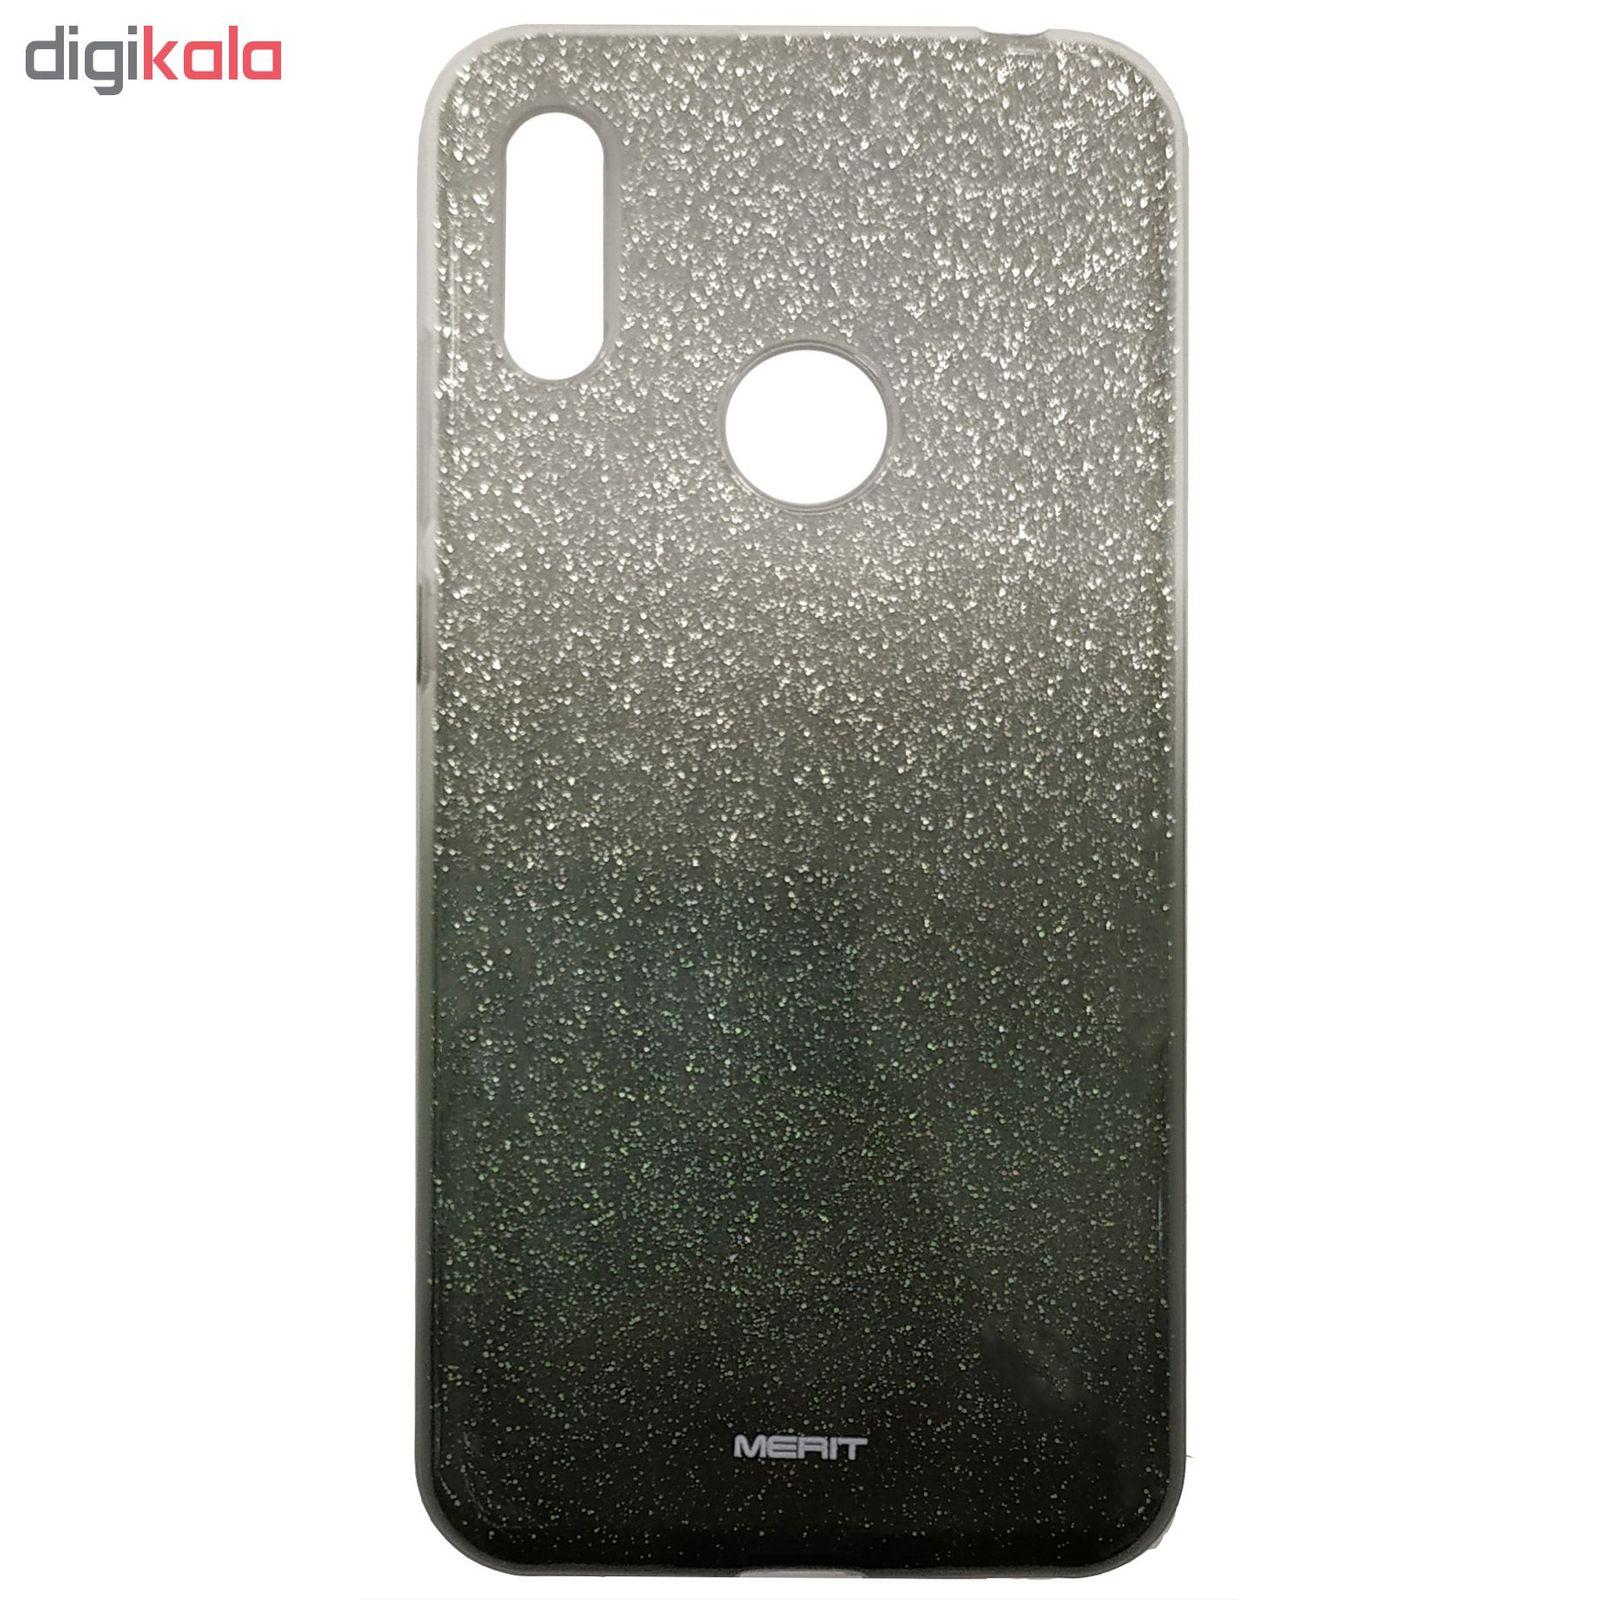 کاور مدل FSH-10 مناسب برای گوشی موبایل هوآوی Y6 2019/آنر 8A main 1 1